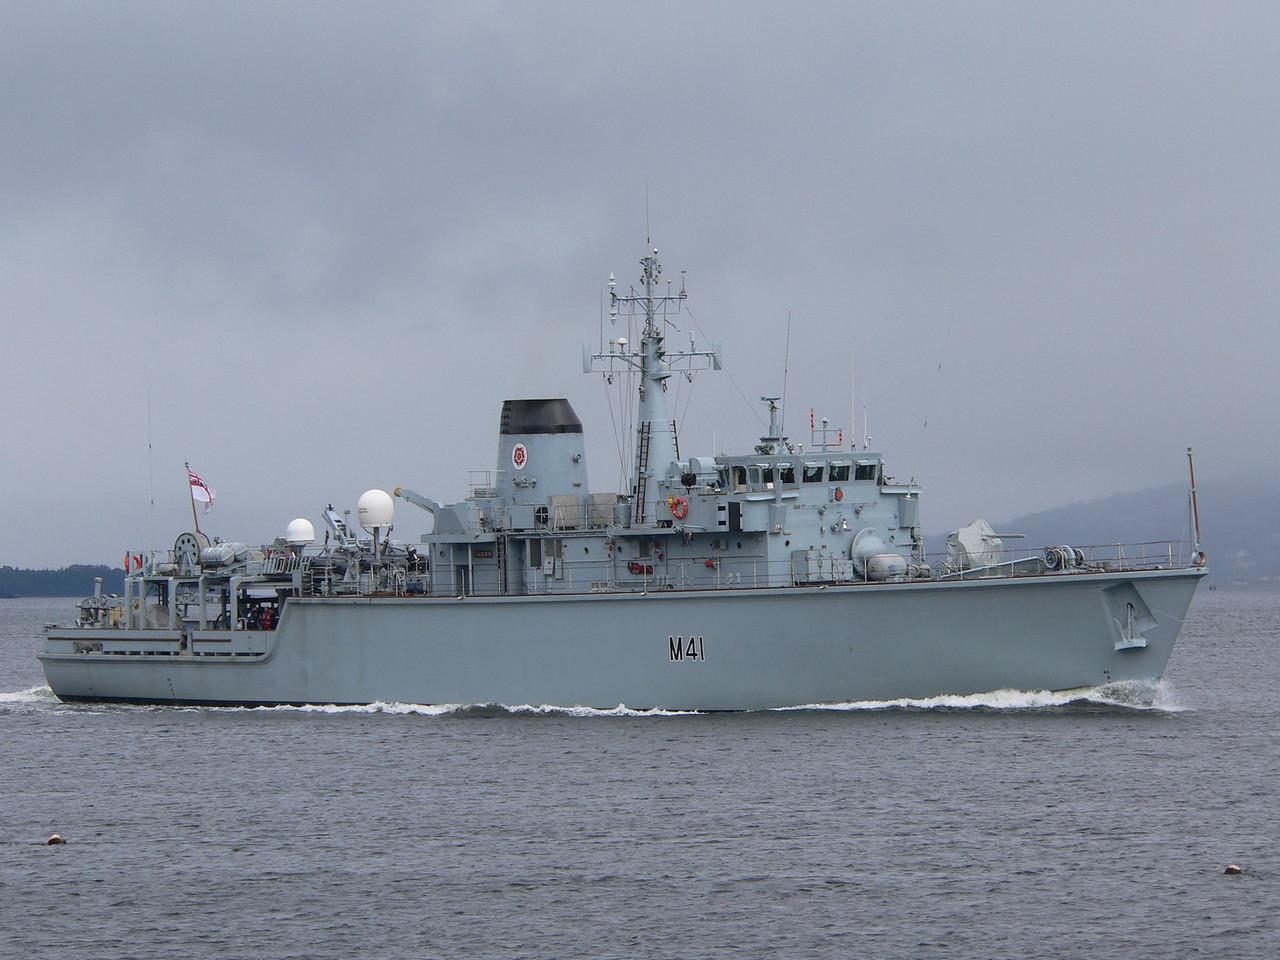 M-41 HMS QUORN